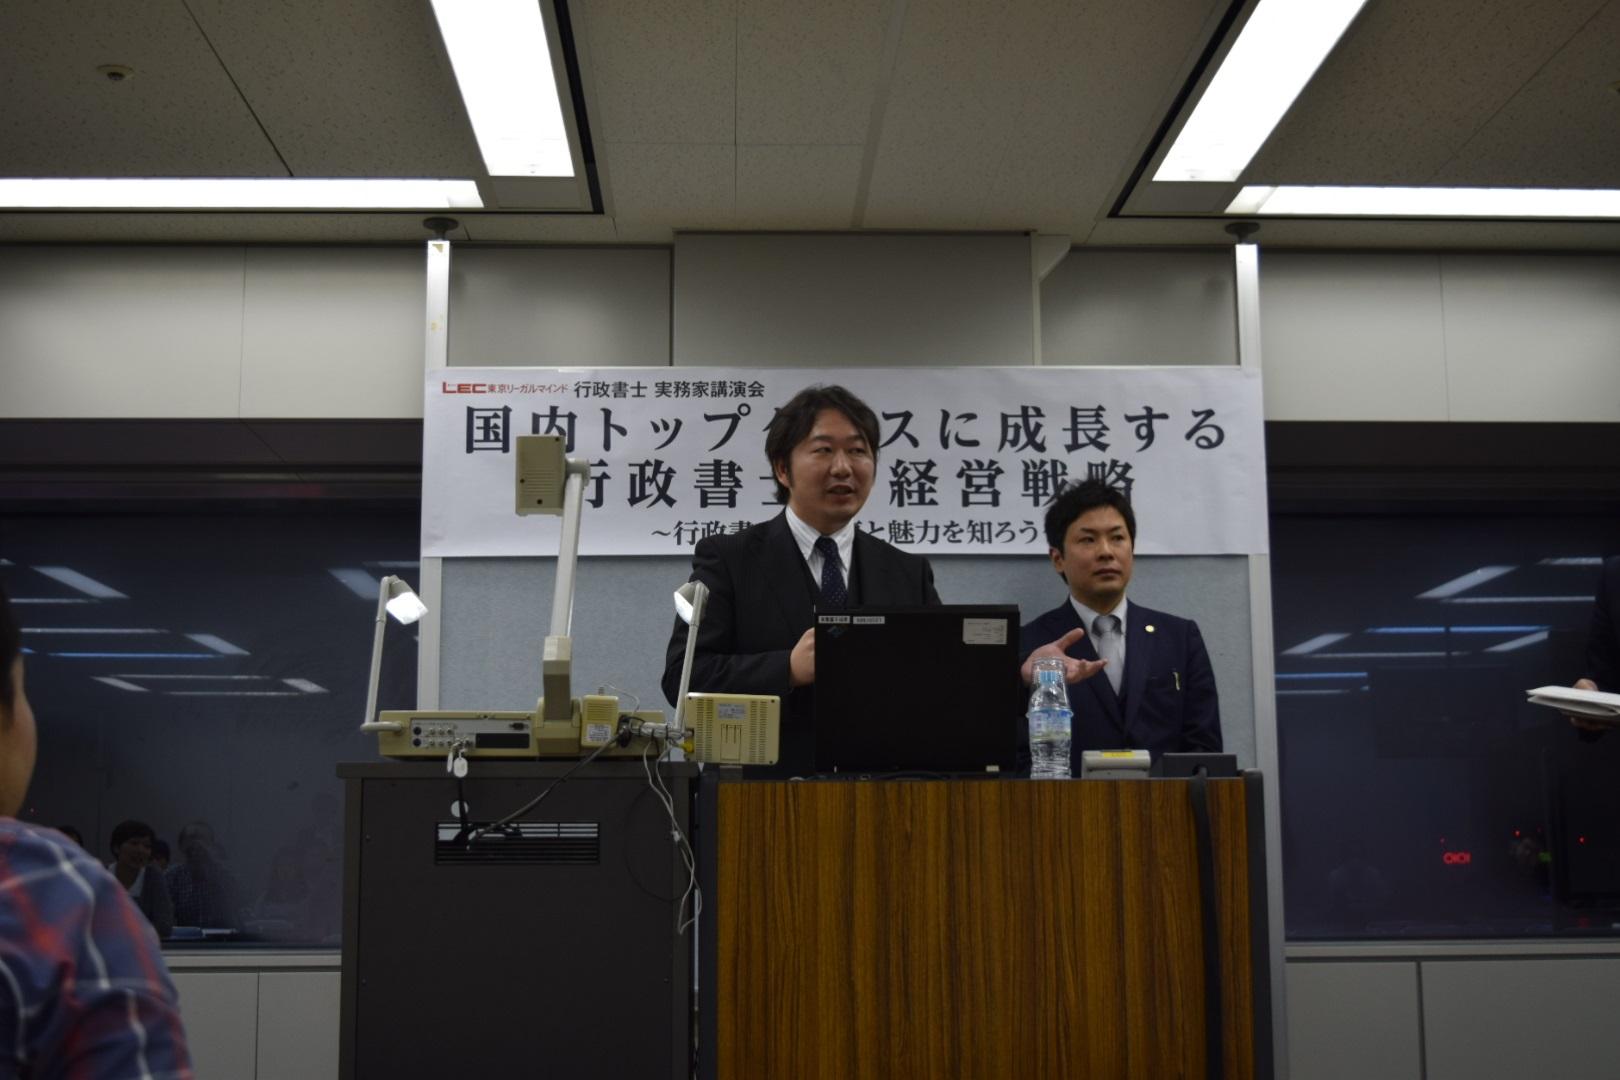 黒田先生、奥田先生